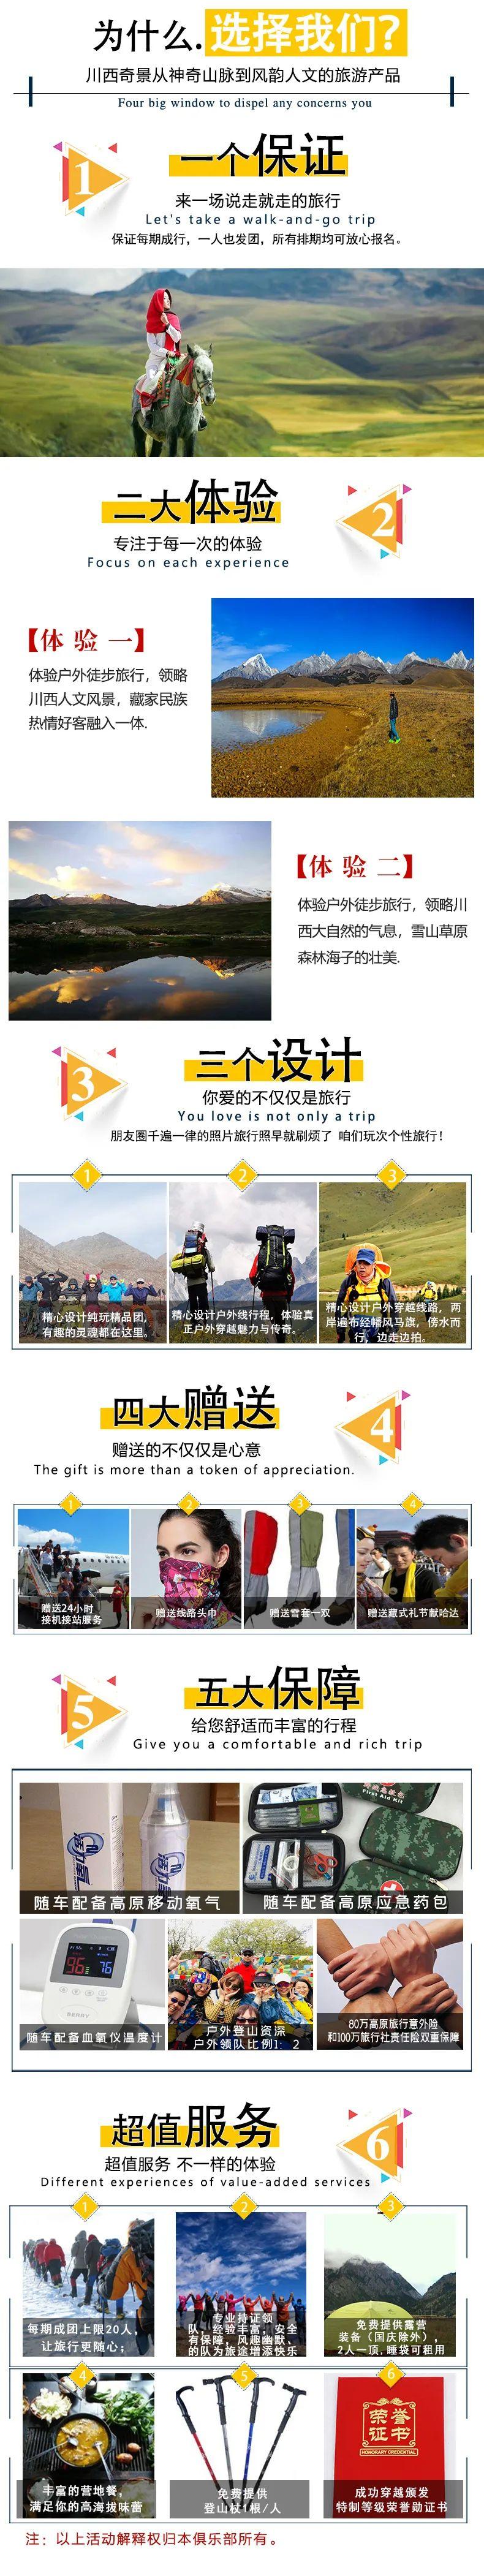 (2)2020【格聂转山】沉睡的雪莲+格聂大环线徒步穿越11日游-户外活动图-驼铃网